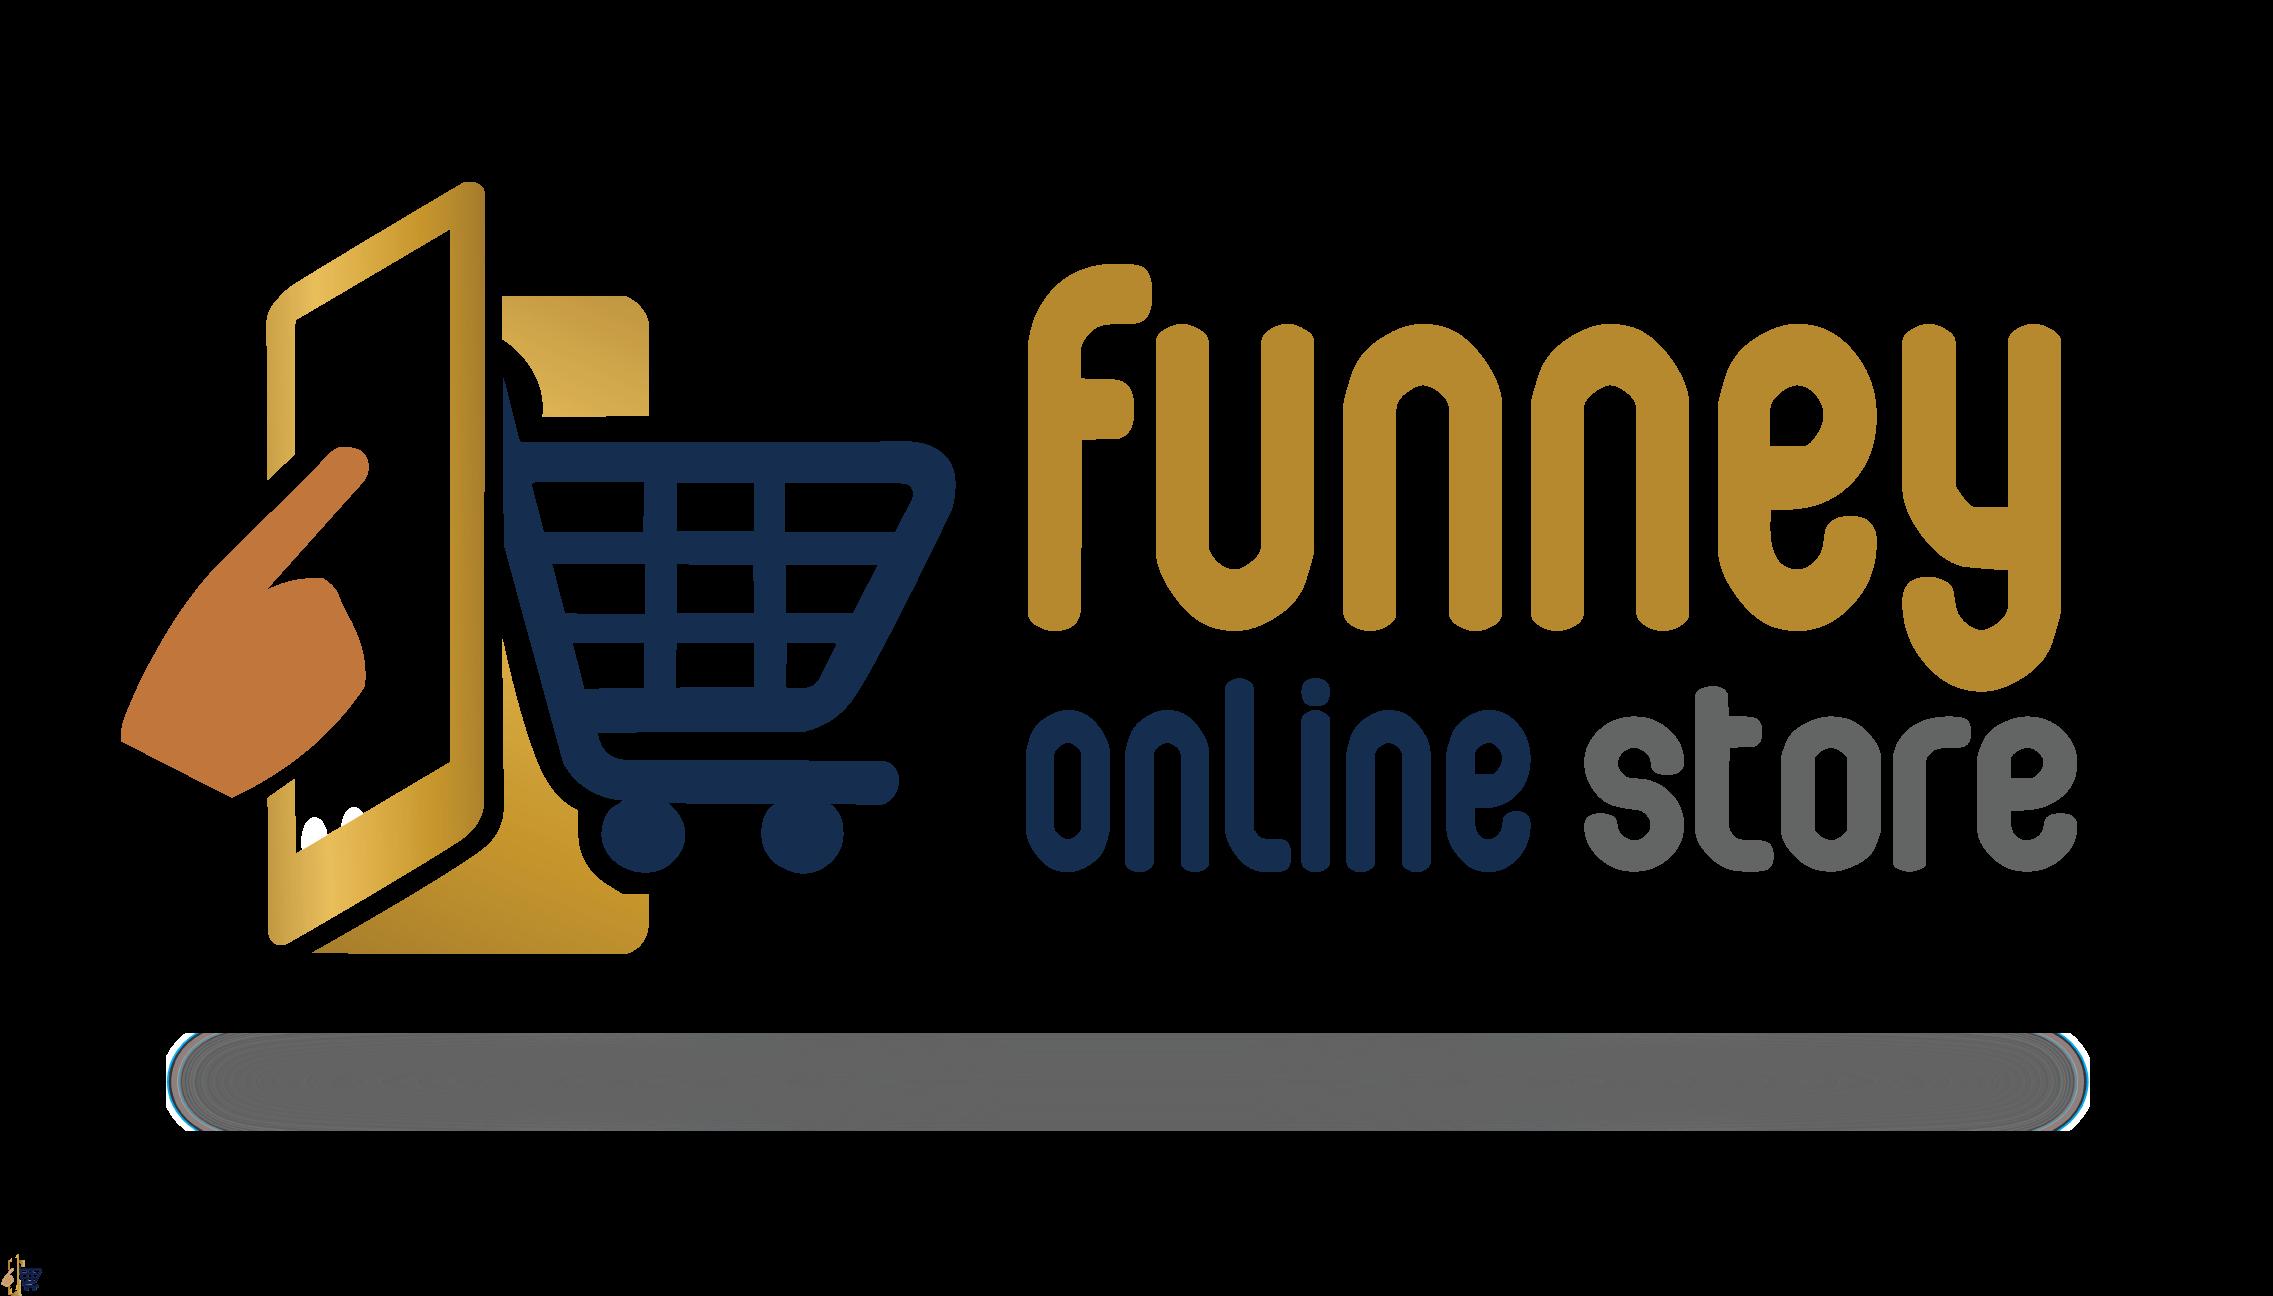 Funney Online Store Ltd